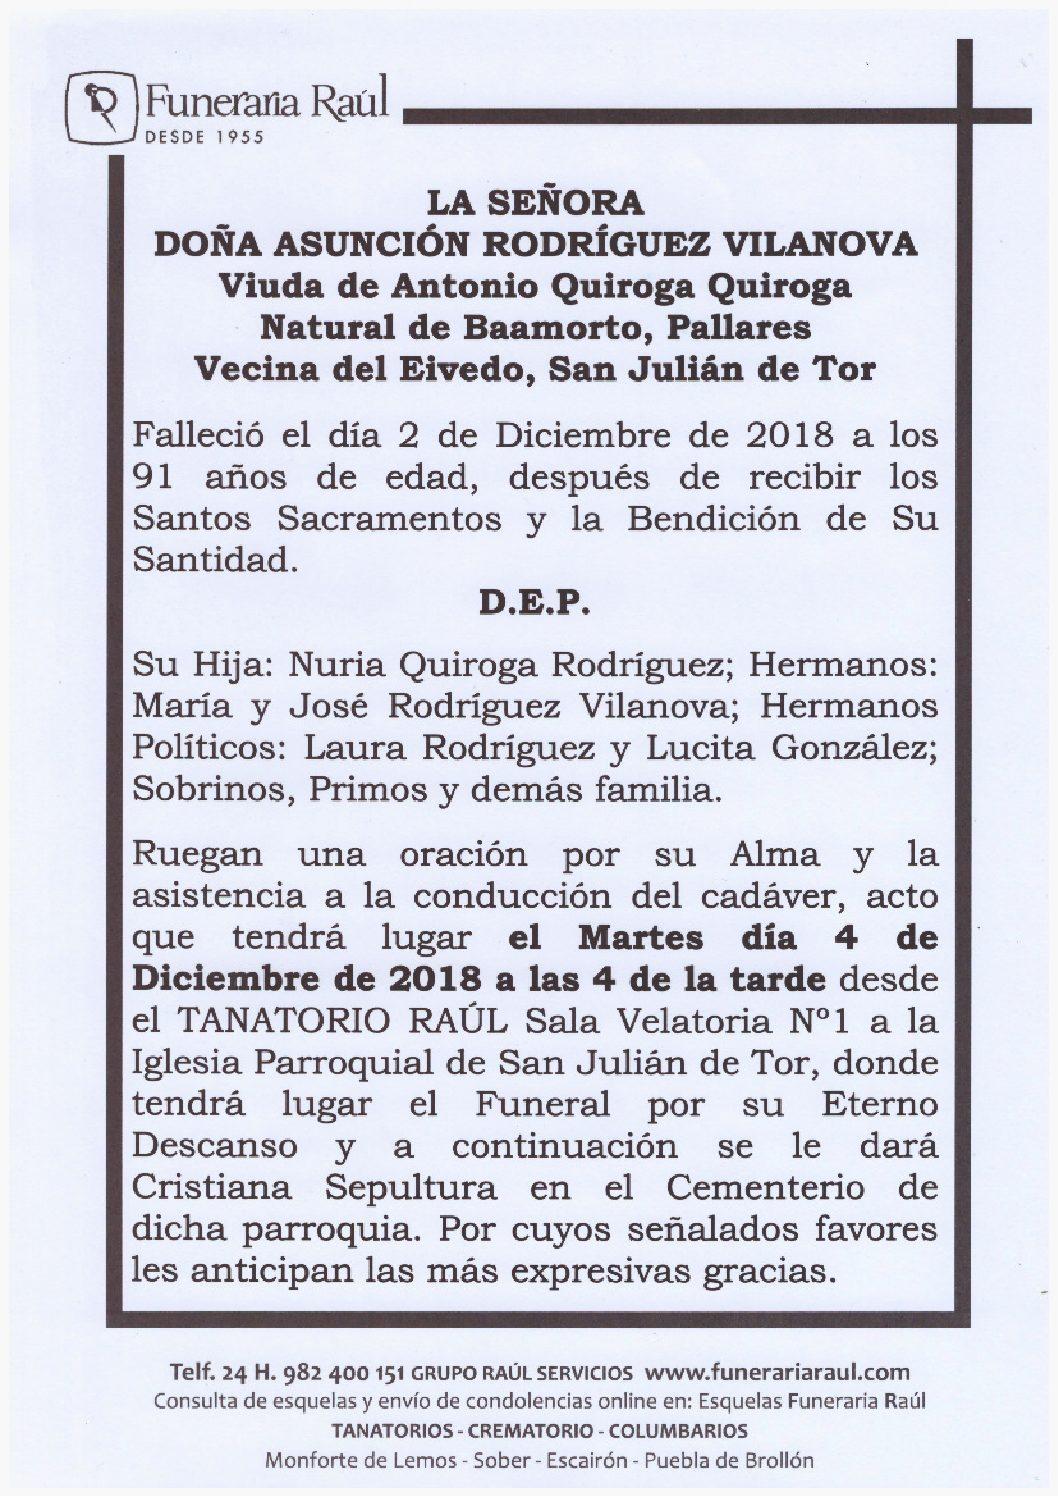 DOÑA ASUNCION RODRIGUEZ VILANOVA